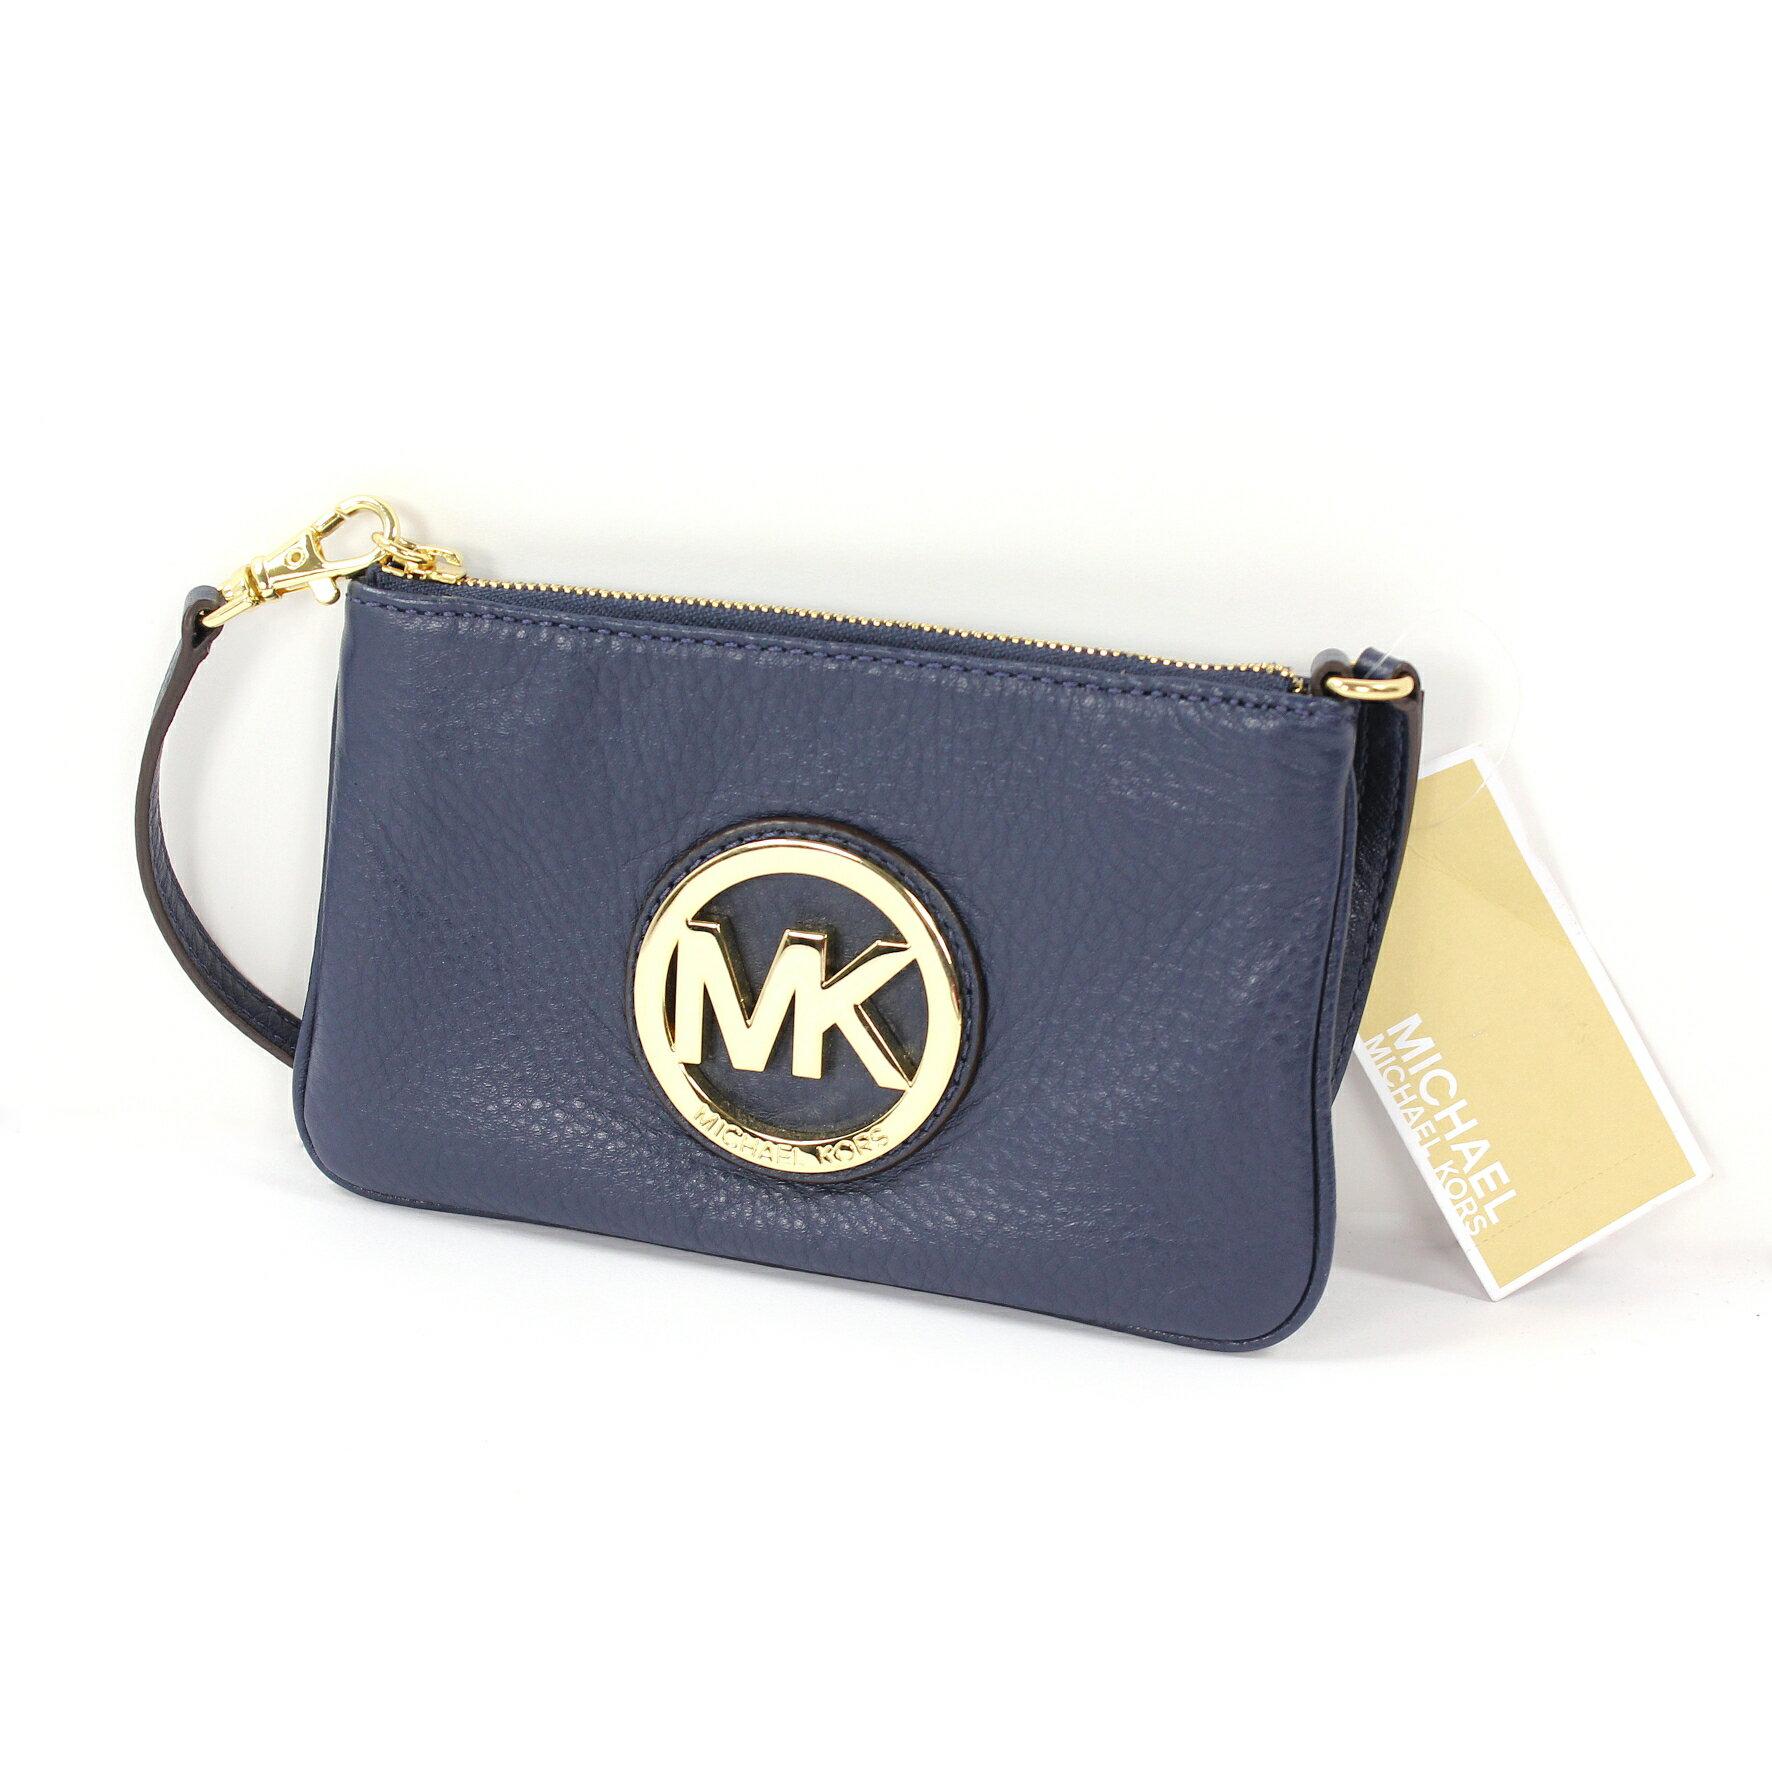 美國百分百【全新真品】MICHAEL KORS 手拿包 MK 手提包 錢包 手機包 皮包 藍色 真皮 女包 A694